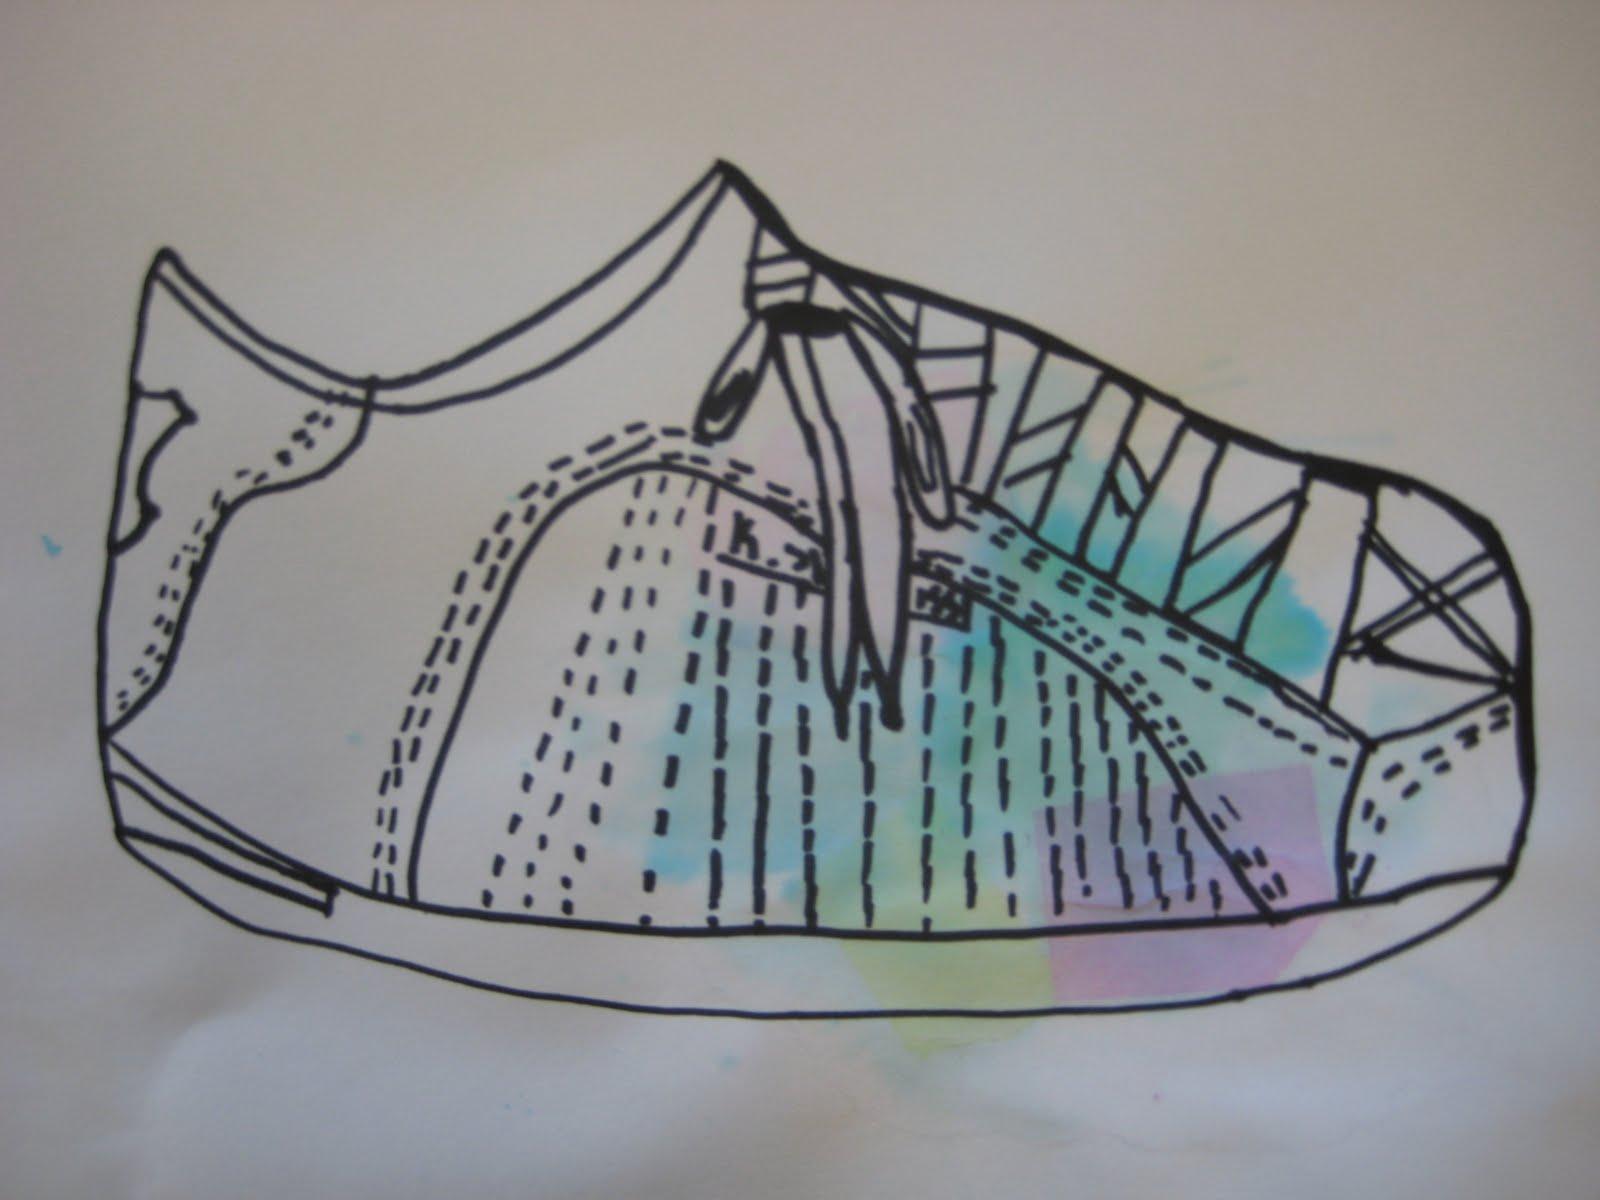 Contour Line Drawing Shoes Lesson Plan : Studio contour shoes th grade